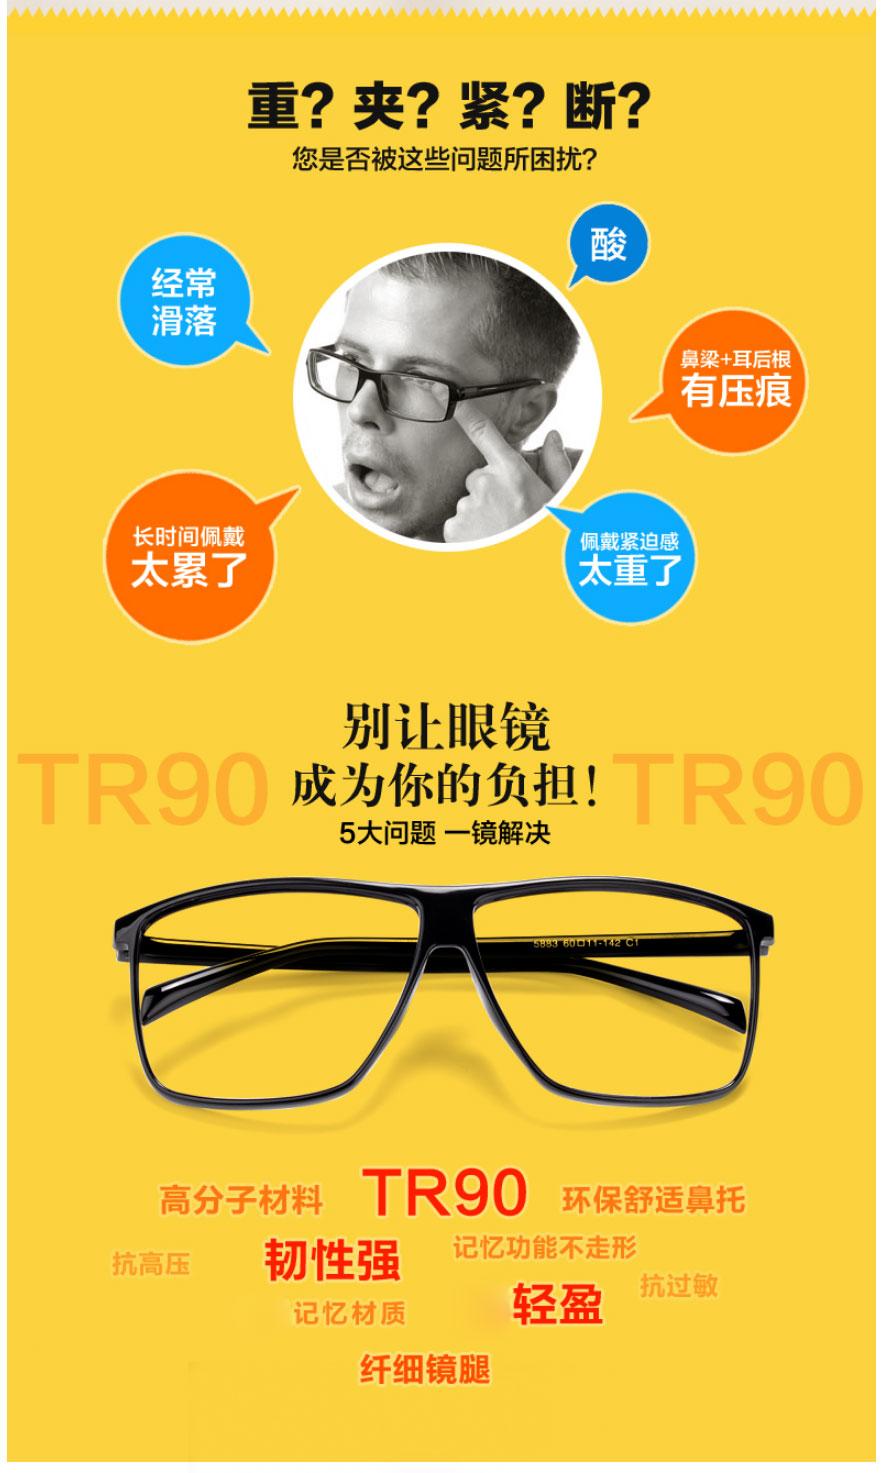 舒伴 近视框架眼镜架眼镜框男女款全框韩版潮配眼镜平